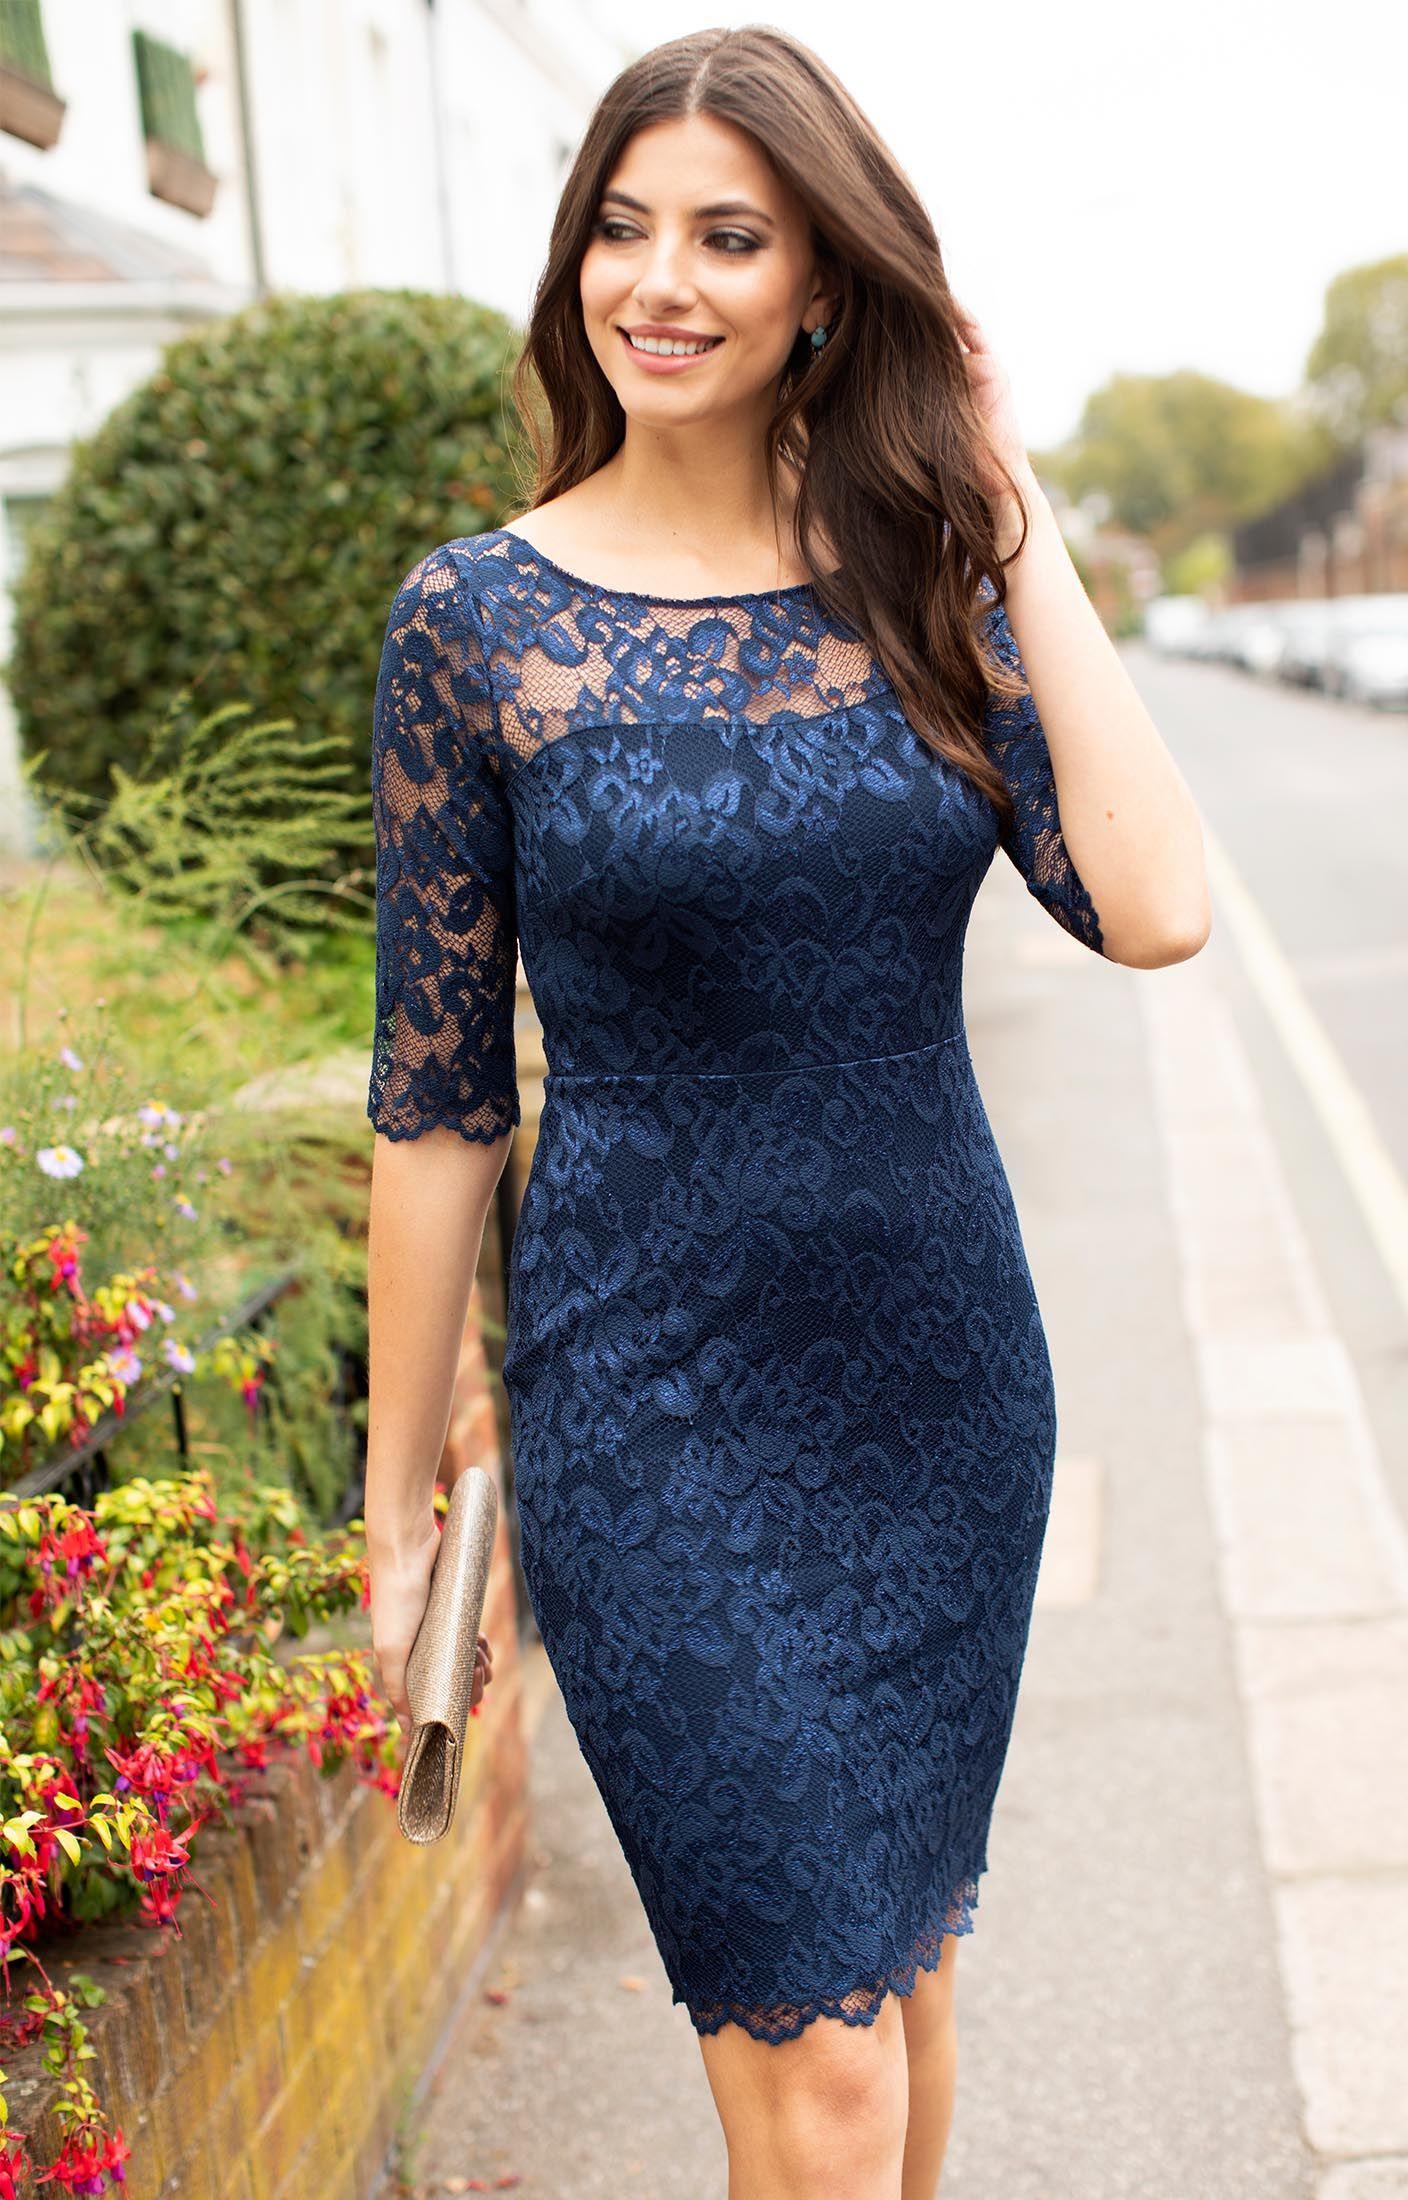 Lila Lace Dress Navy By Alie Street In 2021 Purple Lace Dress Lace Dress Styles Women Lace Dress